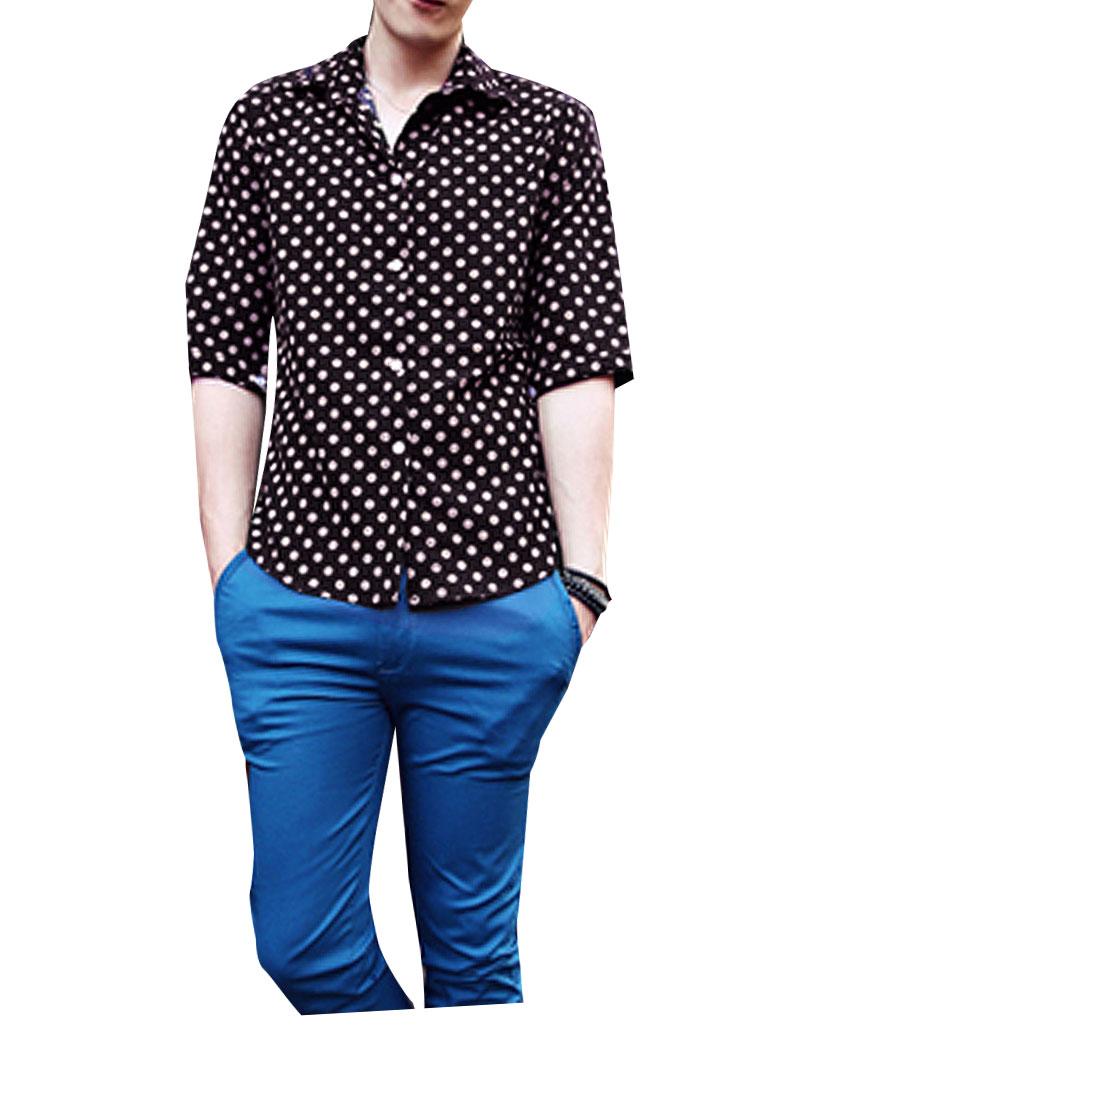 Man Contrast Color Dots Pattern Button-Front Chic Shirt Beige Black M